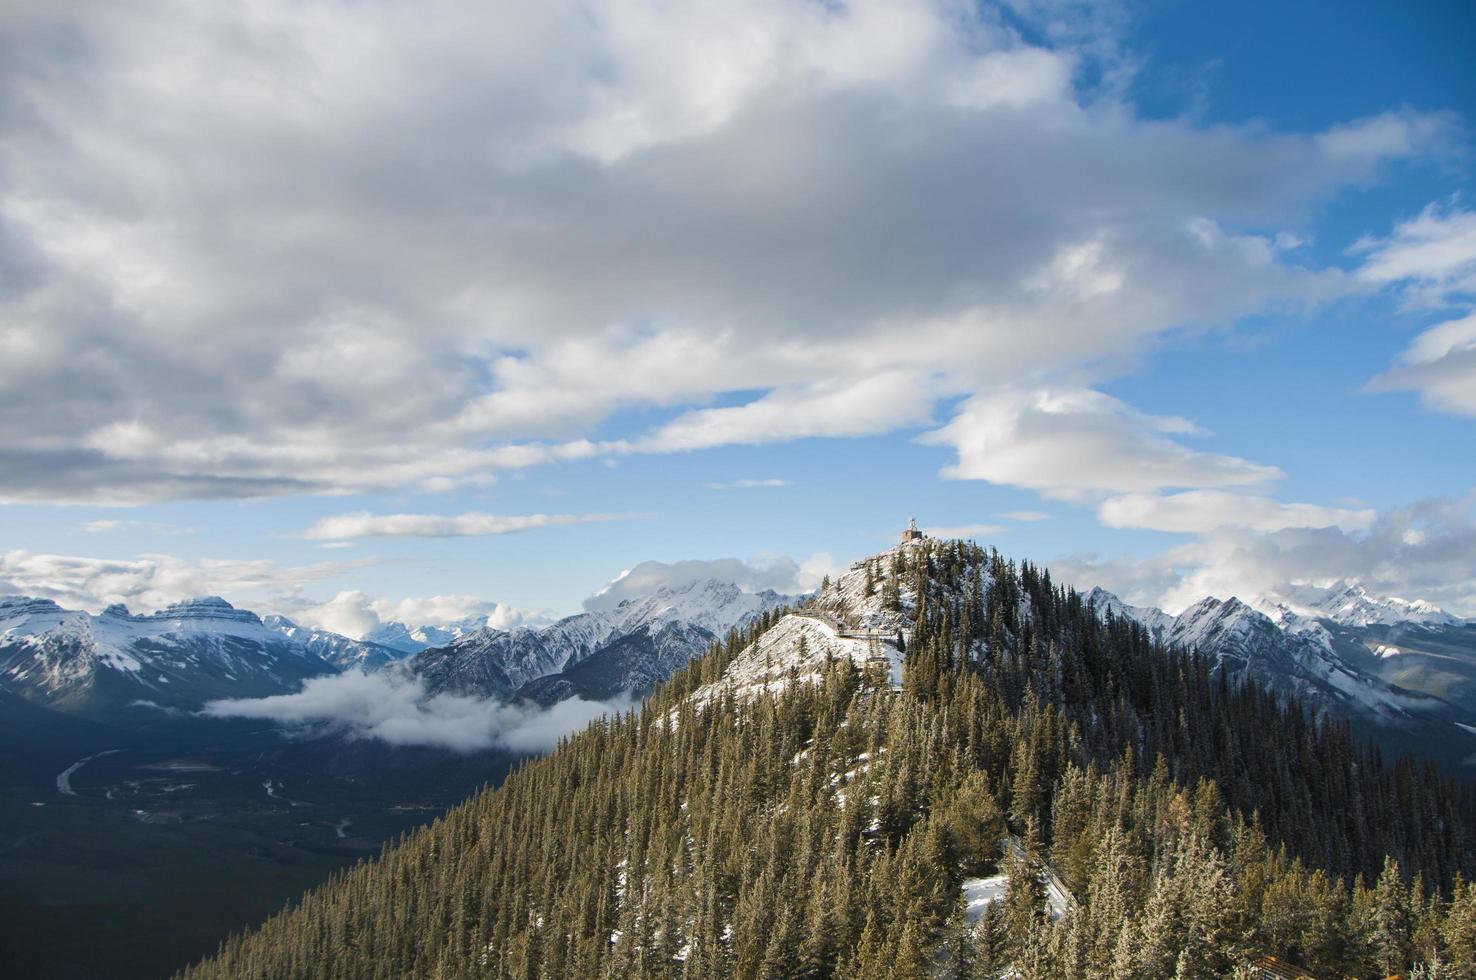 alberi di pino verdi su un pendio di montagna innevato foto